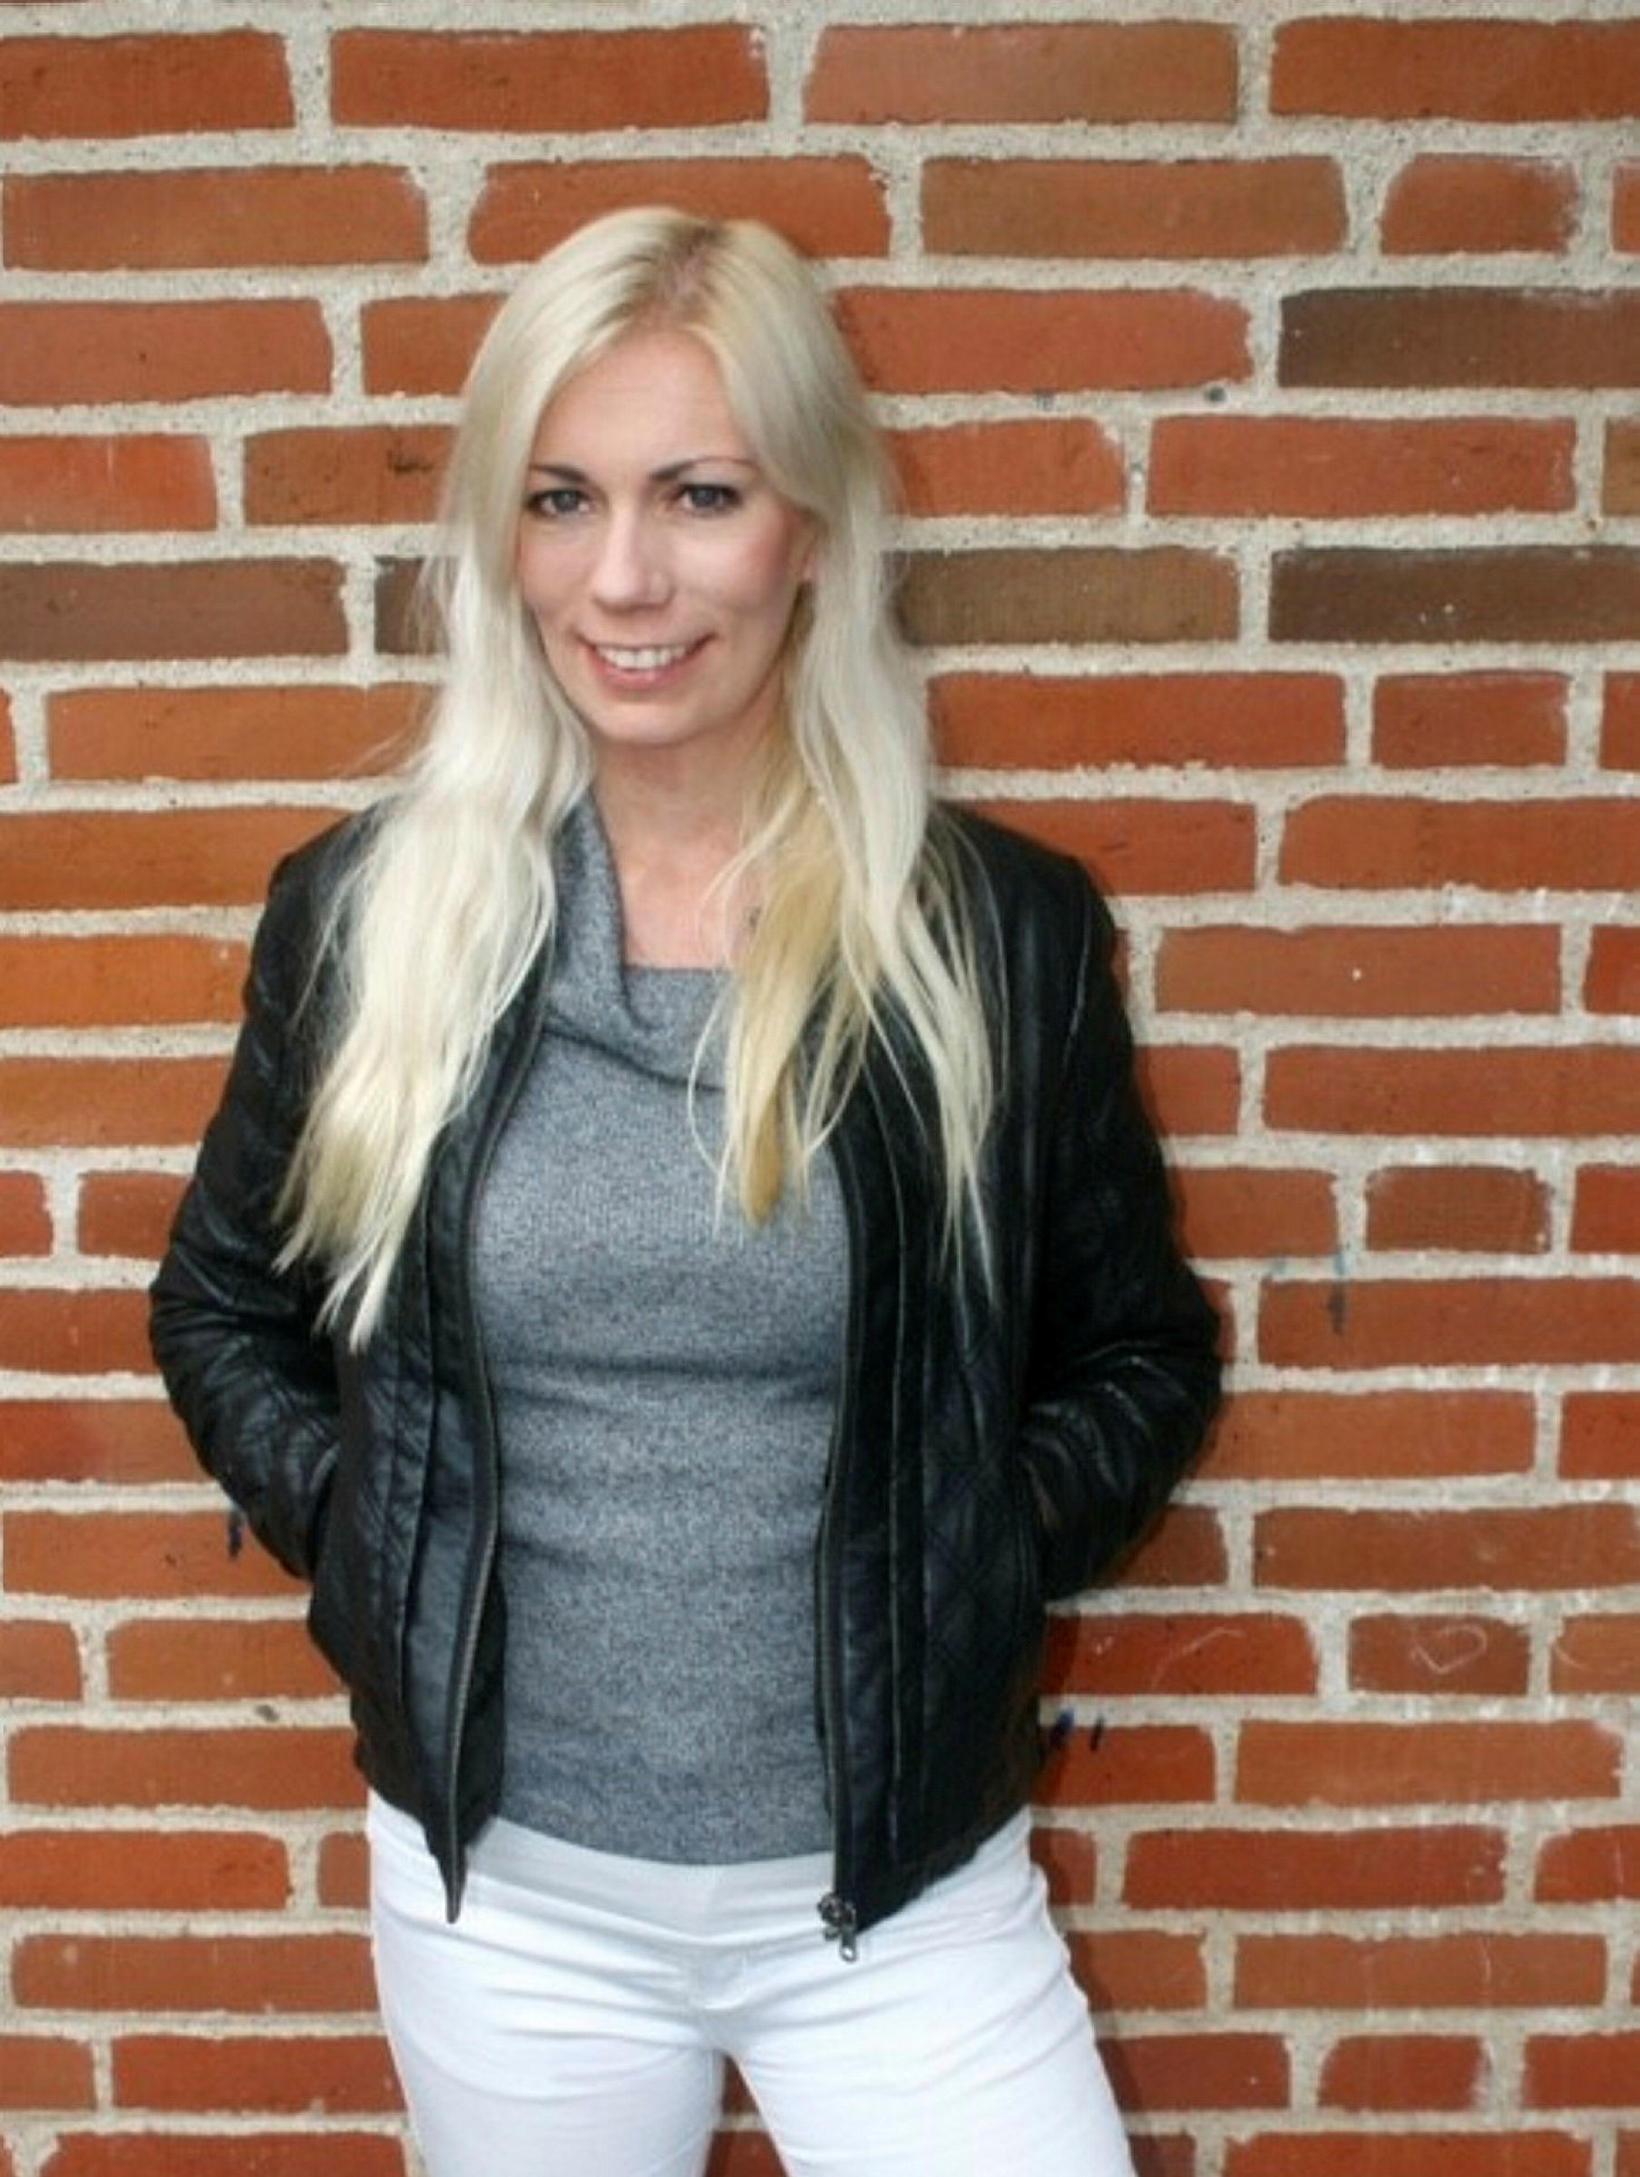 Þórey Kristín Þórisdóttir sálfræðingur og markþjálfi.